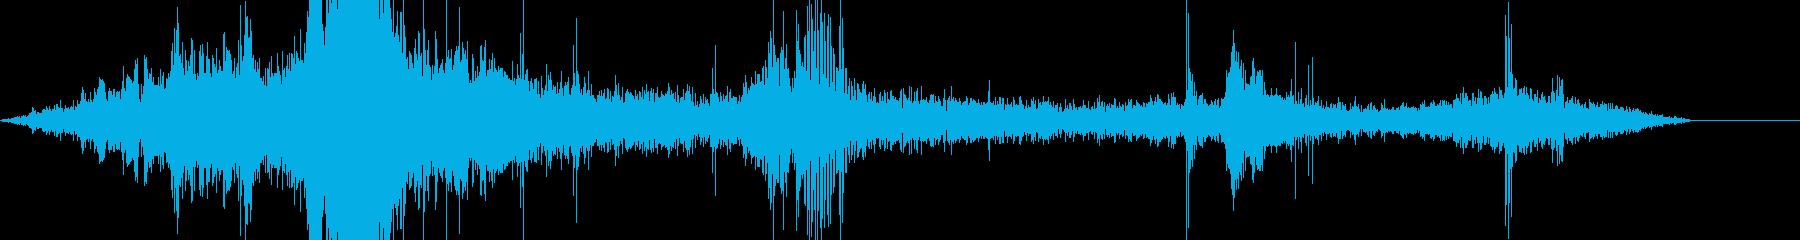 デイトナ、ロレックスナイトトライア...の再生済みの波形